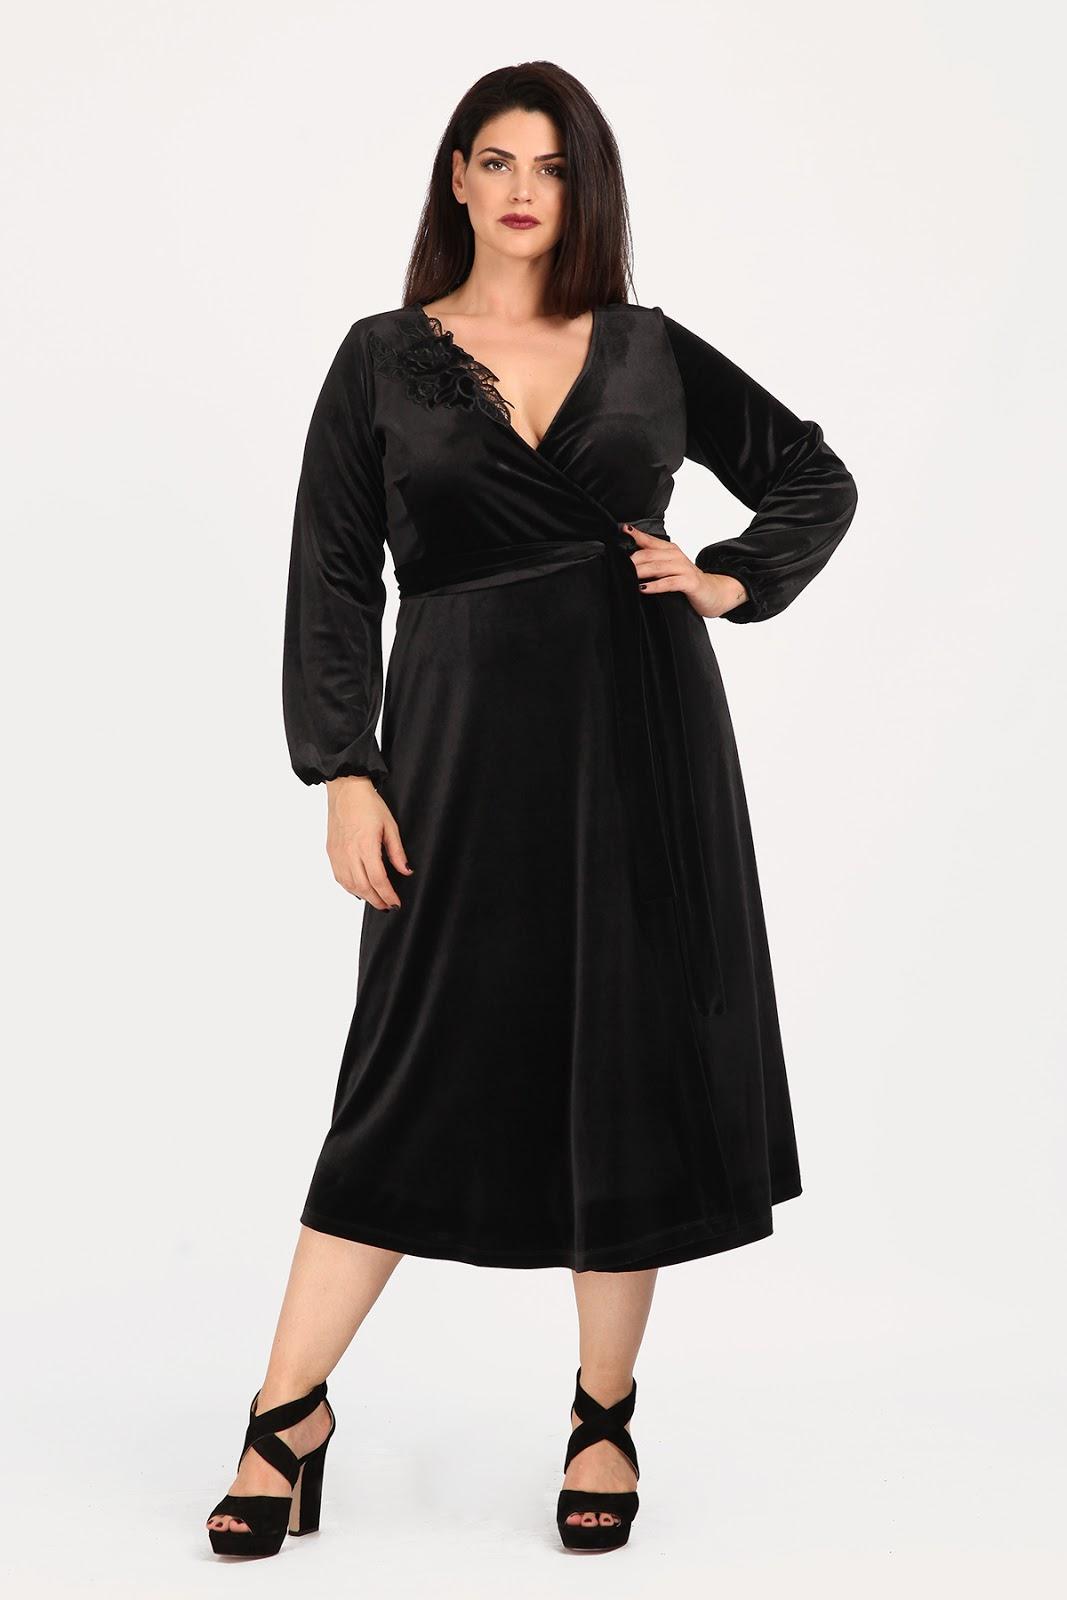 962dd4e139cb Τα 19 πιο τέλεια plus size φορέματα για το πρωτοχρονιάτικο ρεβεγιόν ...